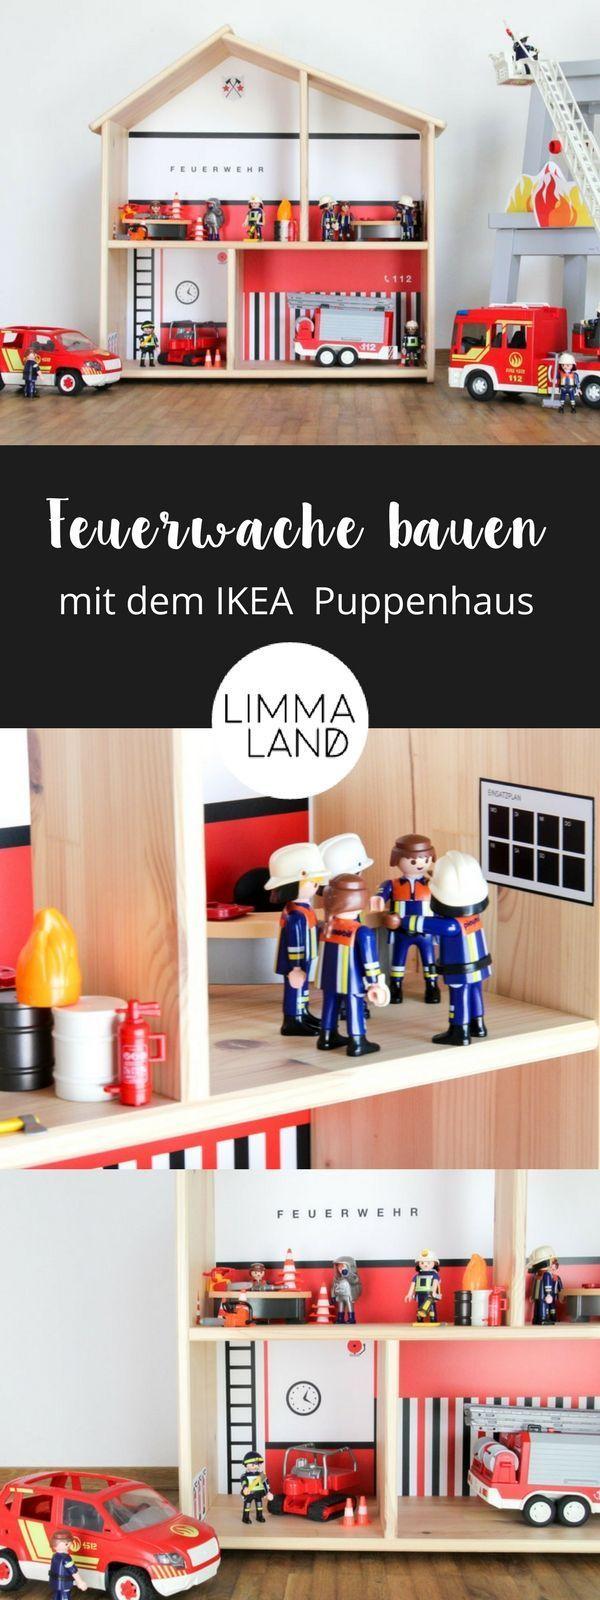 Dekorationsfolie Feuerwache für IKEA FLISAT Puppenhaus